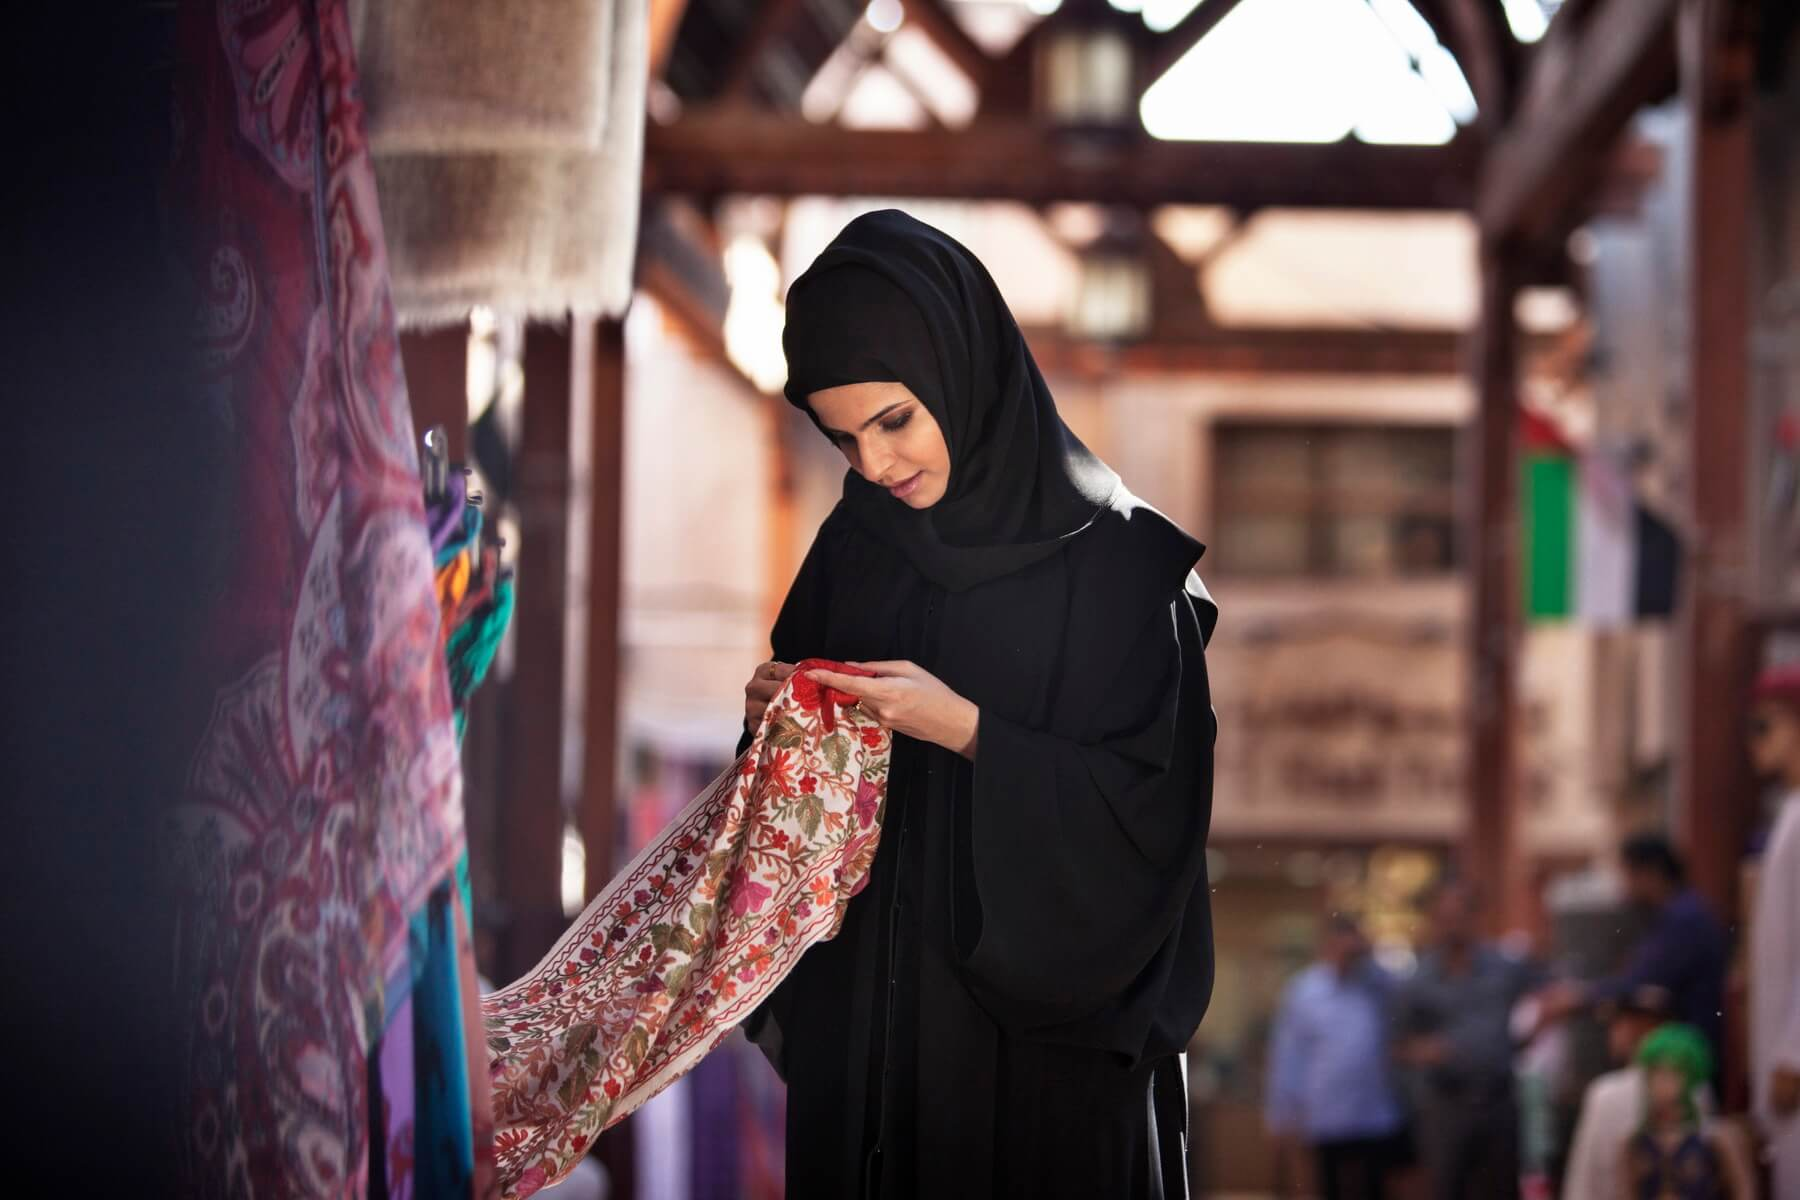 Die meisten Geschäfte öffnen während des Ramadans von 10 -16 und 19 -24 Uhr